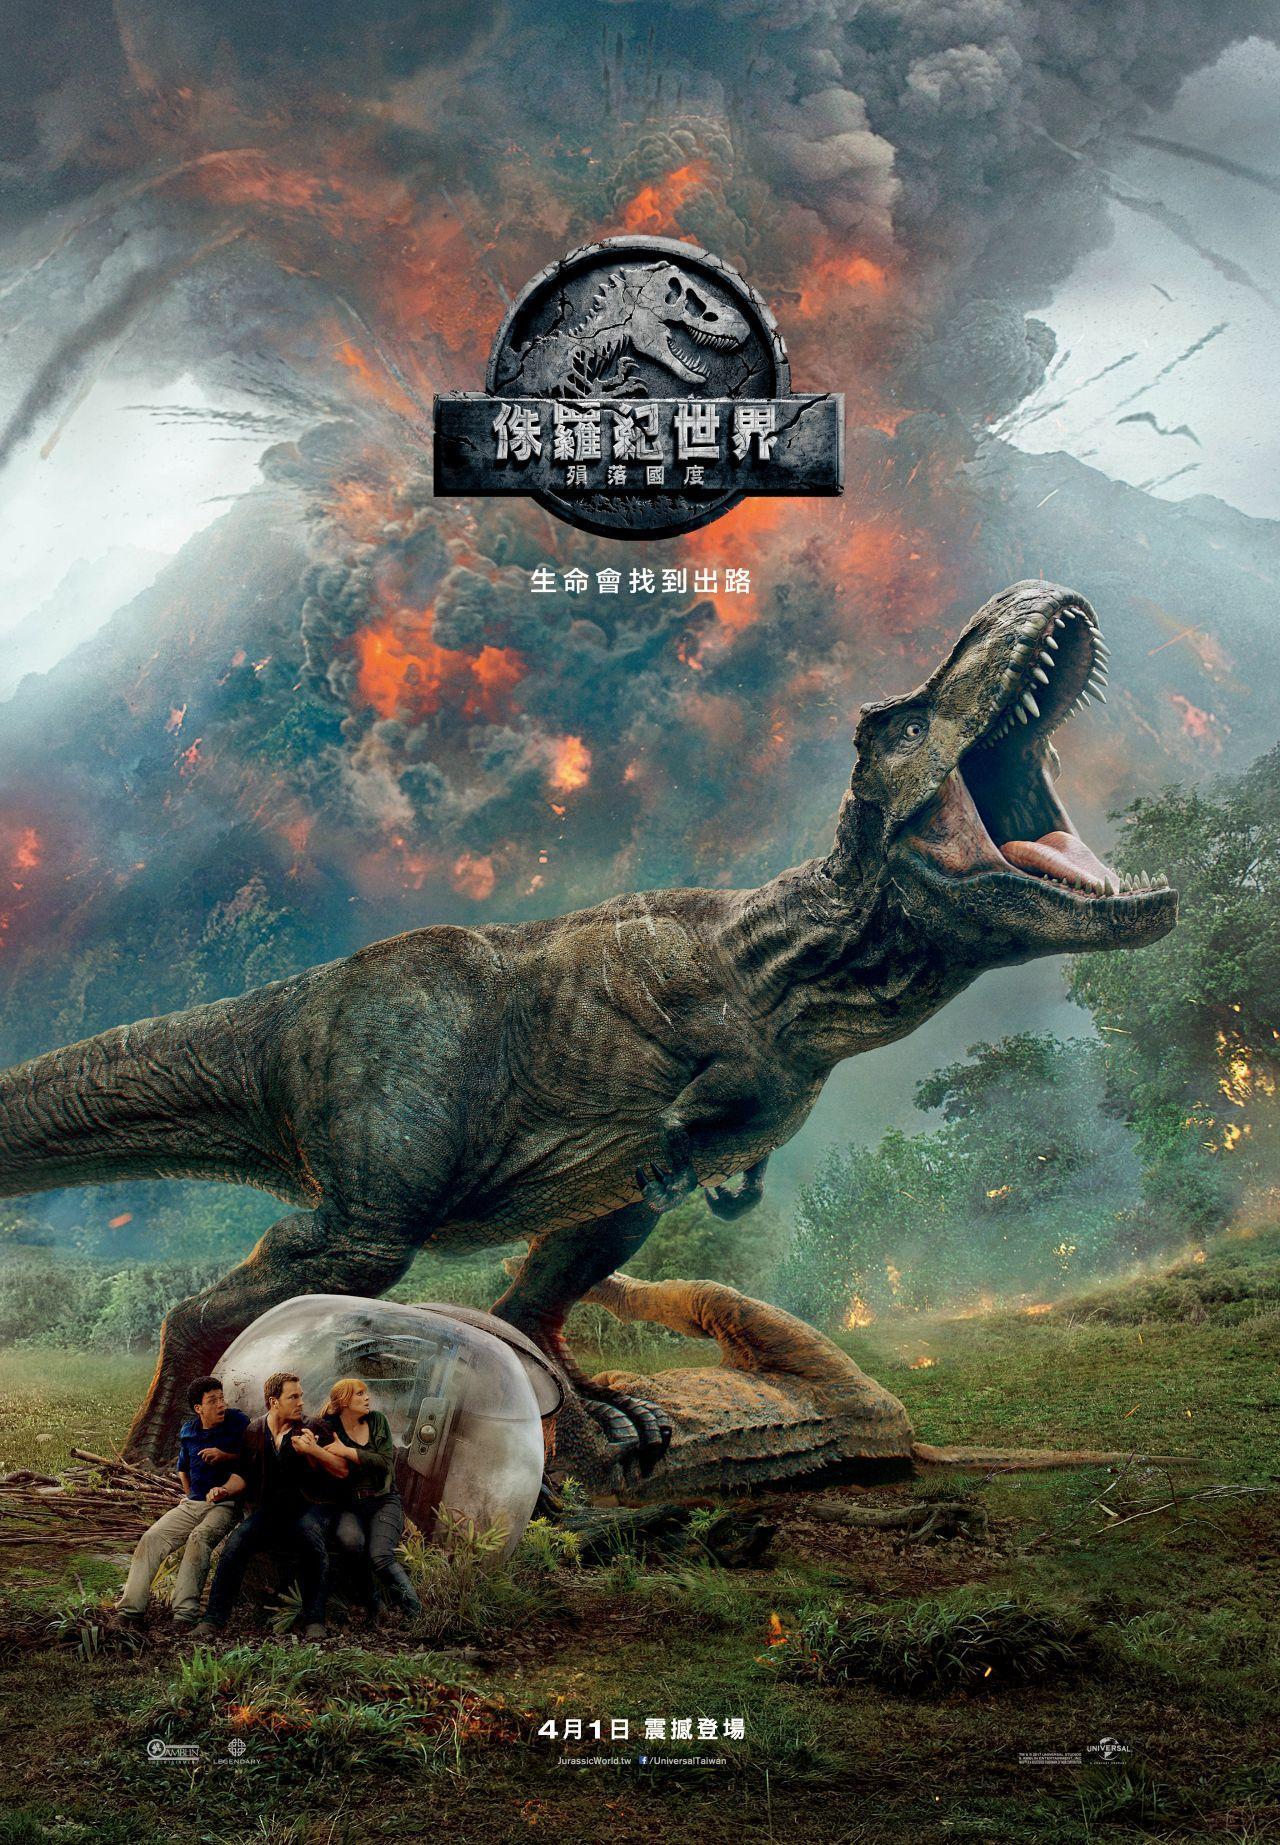 侏羅紀世界:殞落國度 時刻表、侏羅紀世界:殞落國度 預告片